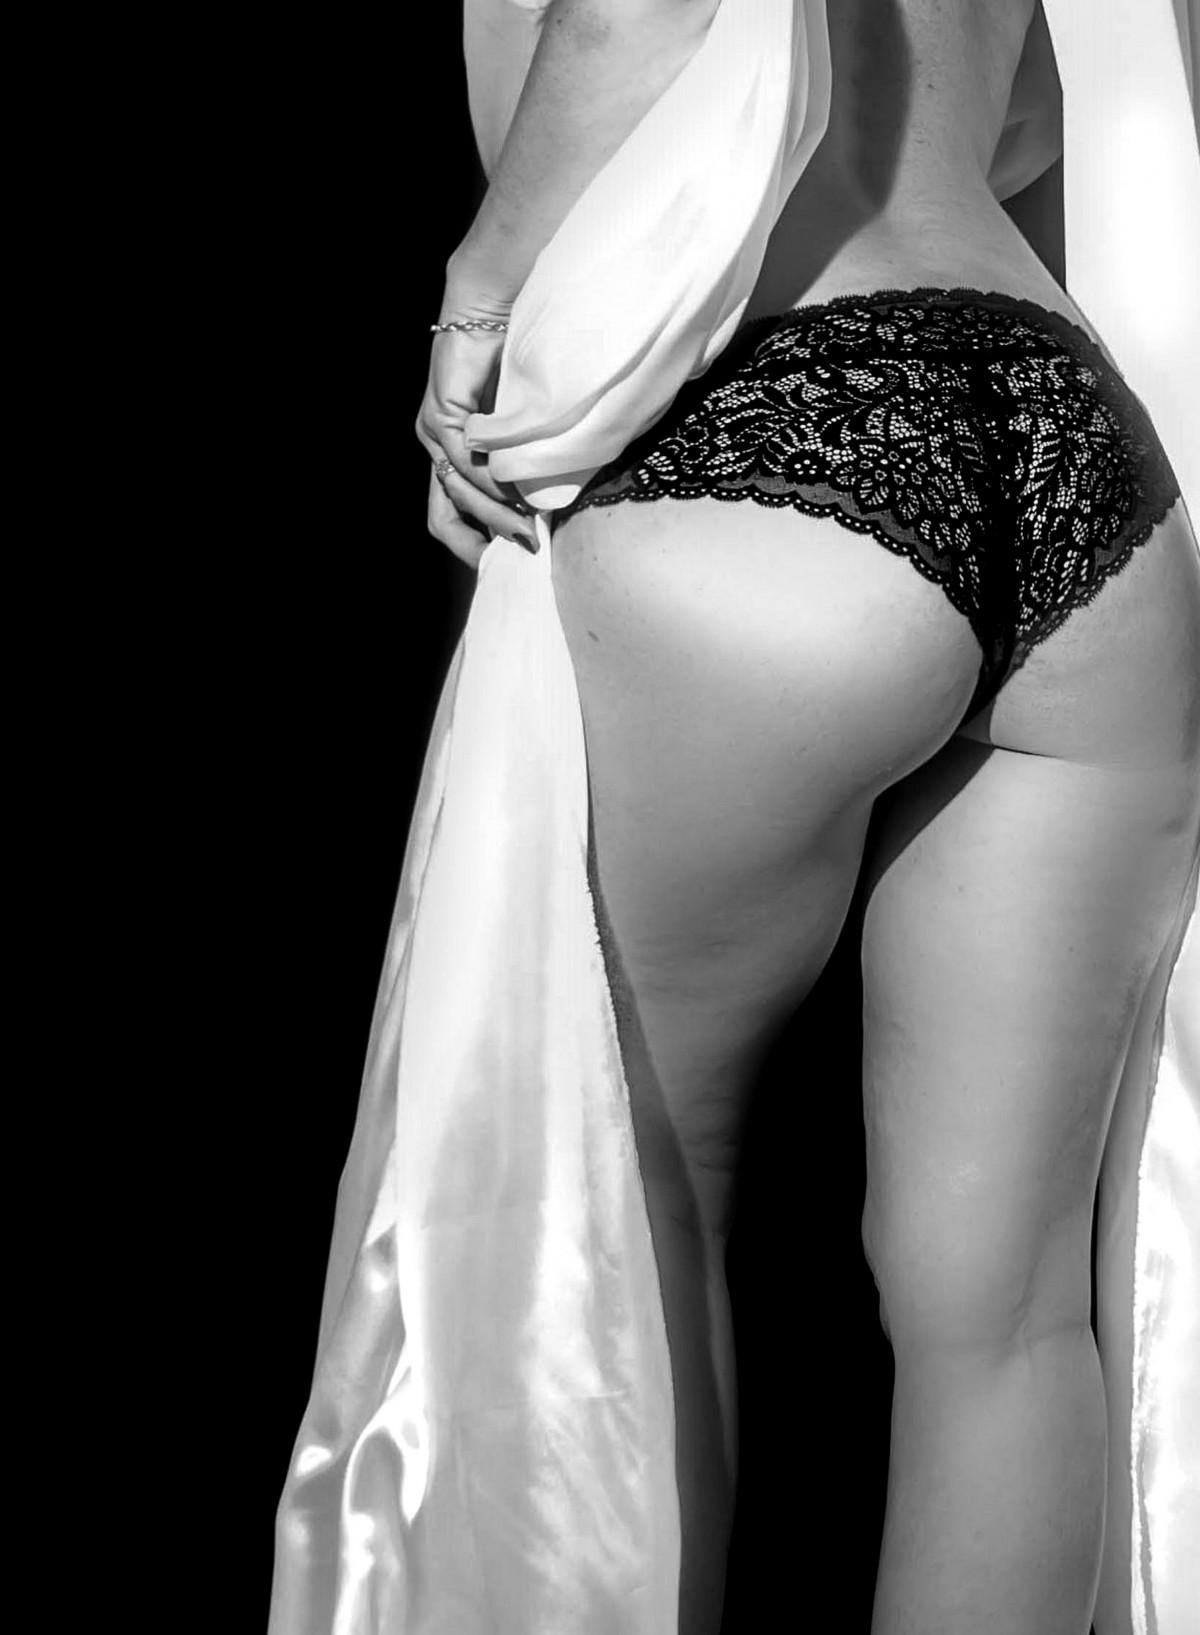 Photos Sensuelles Noir Et Blanc : photos, sensuelles, blanc, Images, Gratuites, Blanc,, Femme,, Photographie,, Jambe,, Maquette,, Monochrome,, Bras,, Mariée,, Muscle,, Poitrine,, Lingerie,, Textile,, Jambes,, Cuisse,, Corps,, Voile,, Sensuel,, Sensualité,, Séance, Photo,, Dessous, Vêtement,, Dentelle